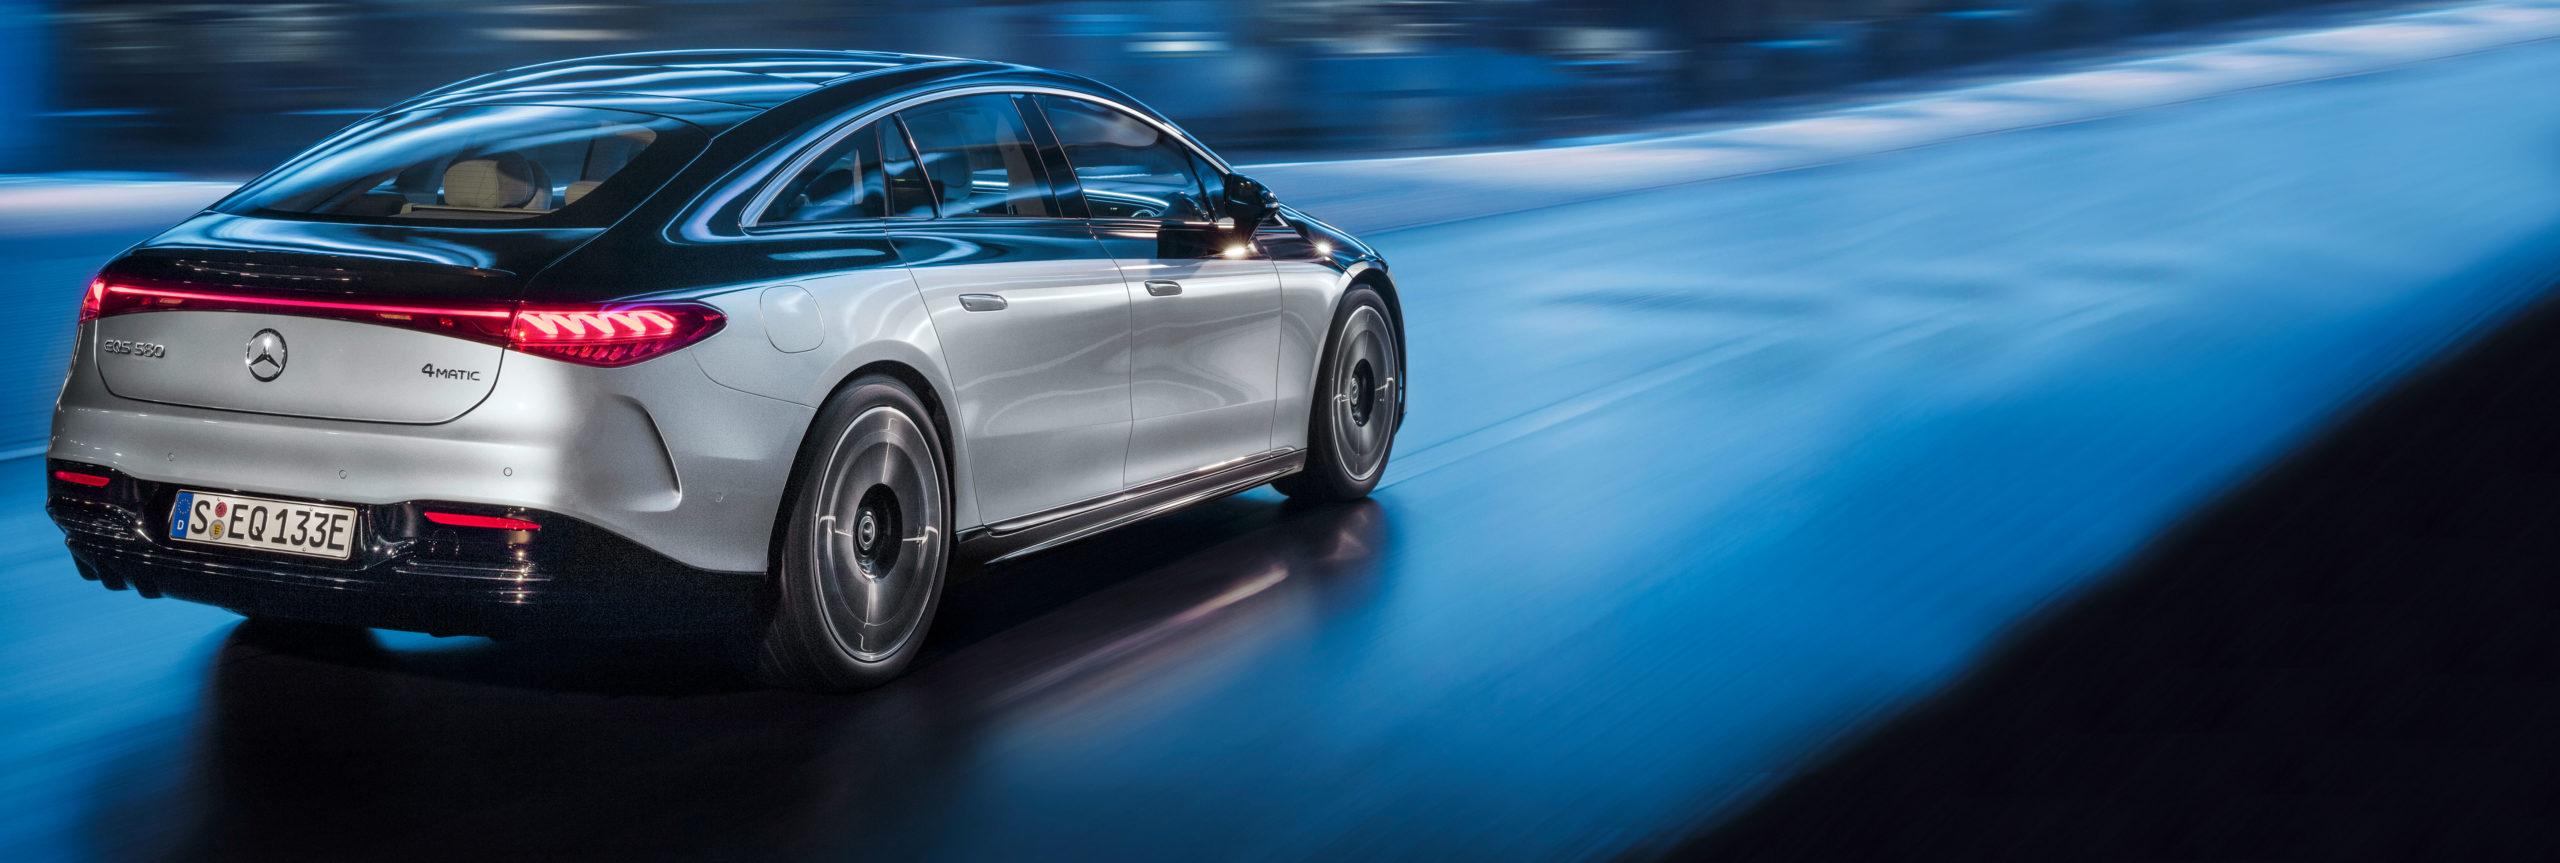 EQS1, la primera berlina de lujo con propulsión eléctrica de Mercedes-EQ